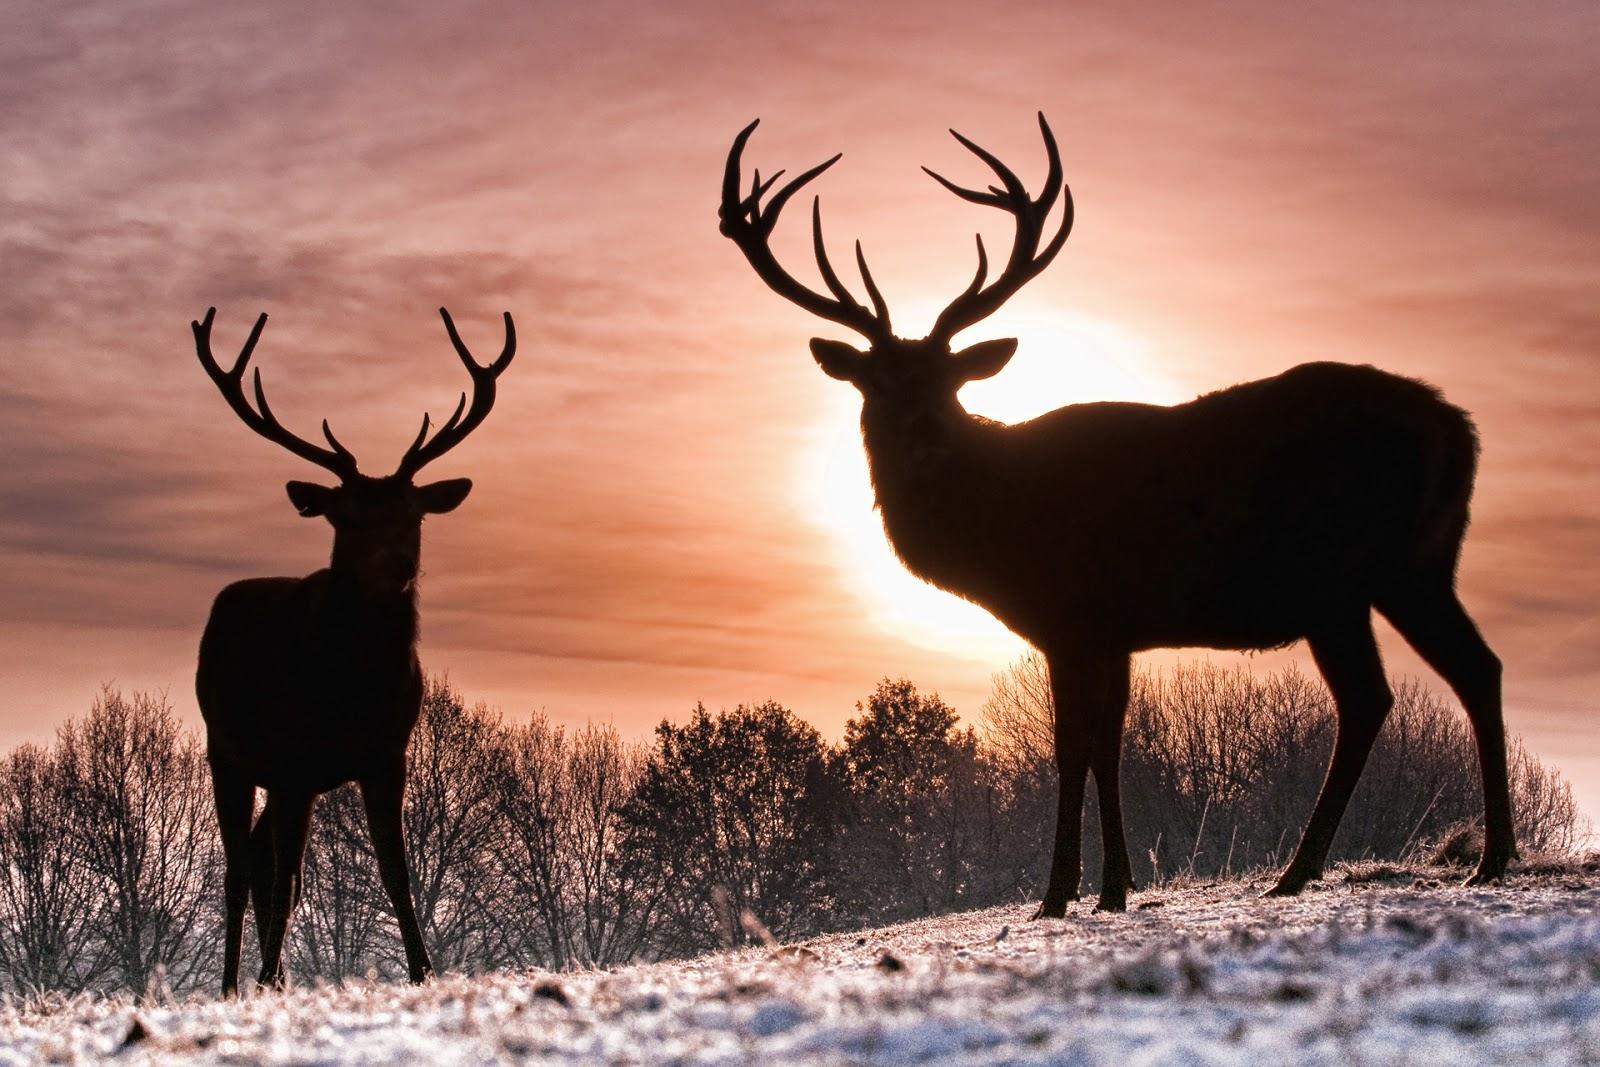 Deer wallpaper 1600x1067